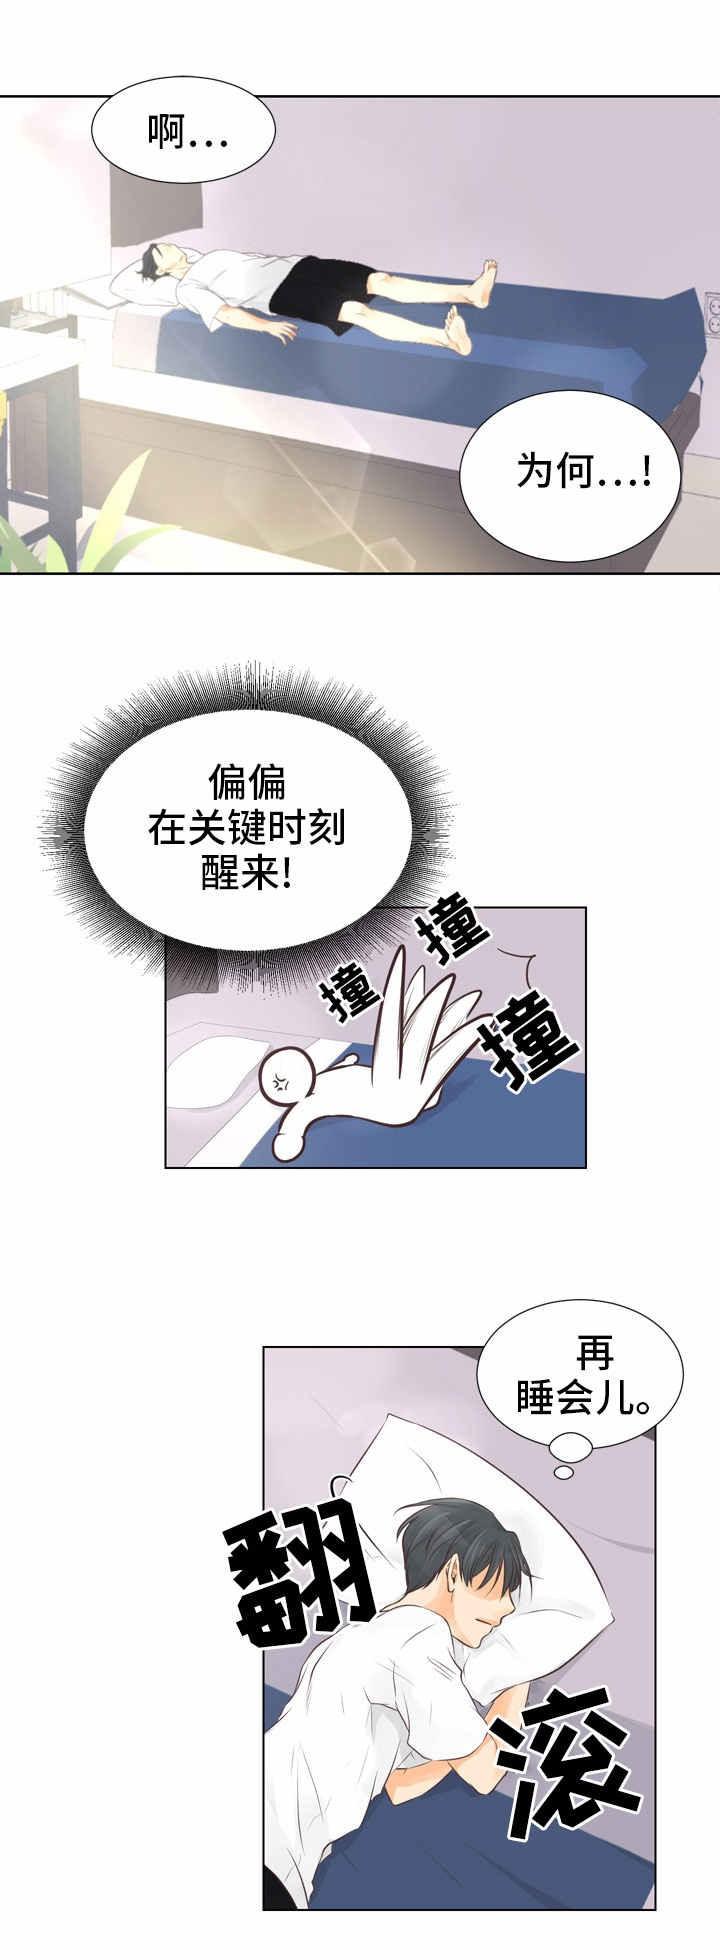 恋上总裁养父-免费漫画在线阅读_最新连载首发-啵乐漫画